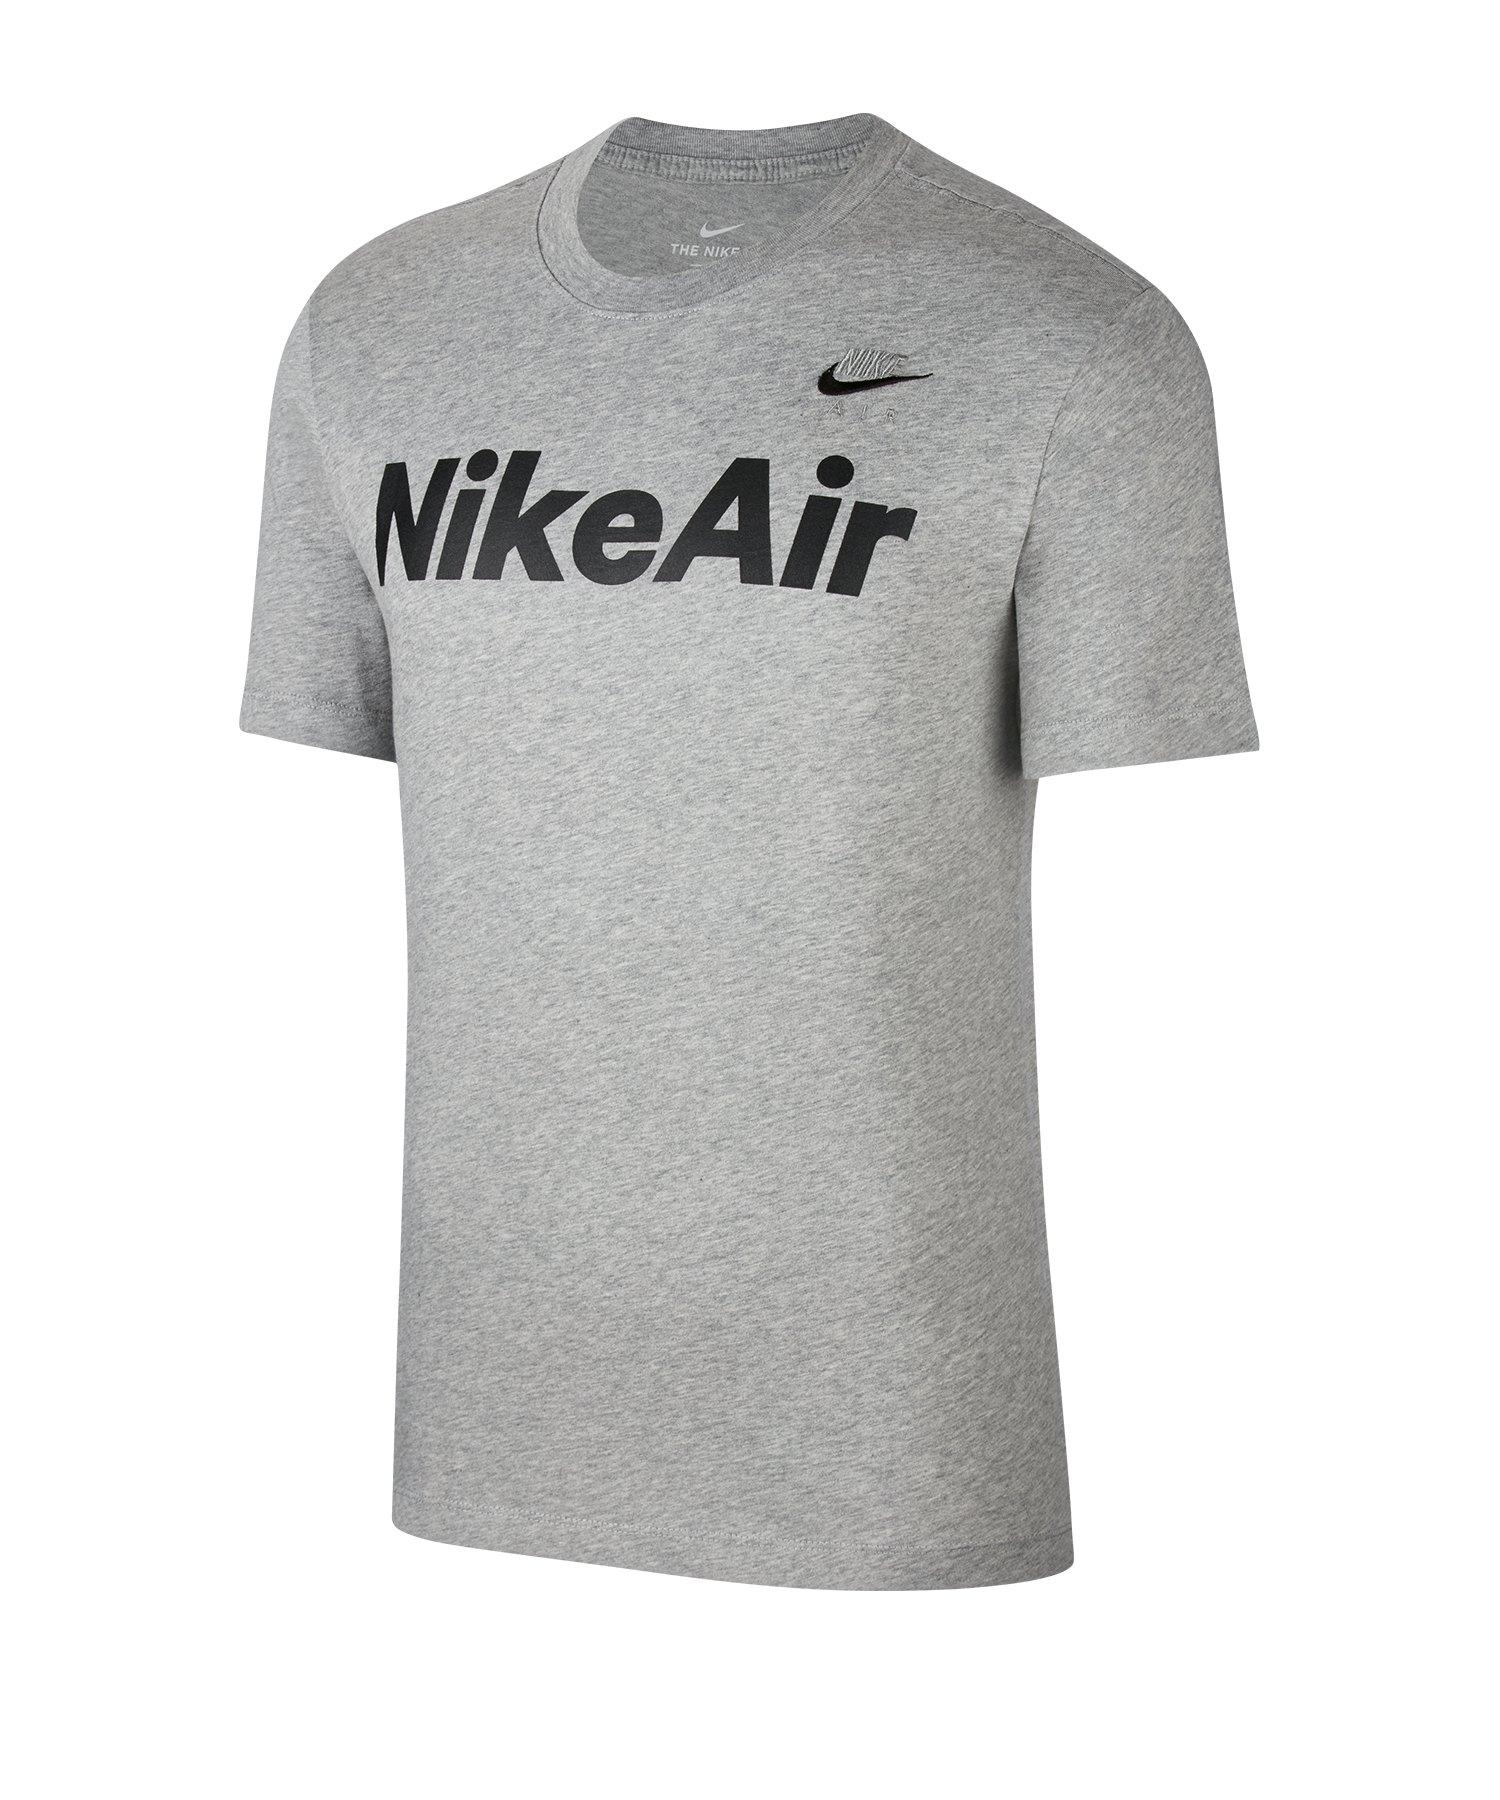 Nike Air T-Shirt Grau F063 - grau